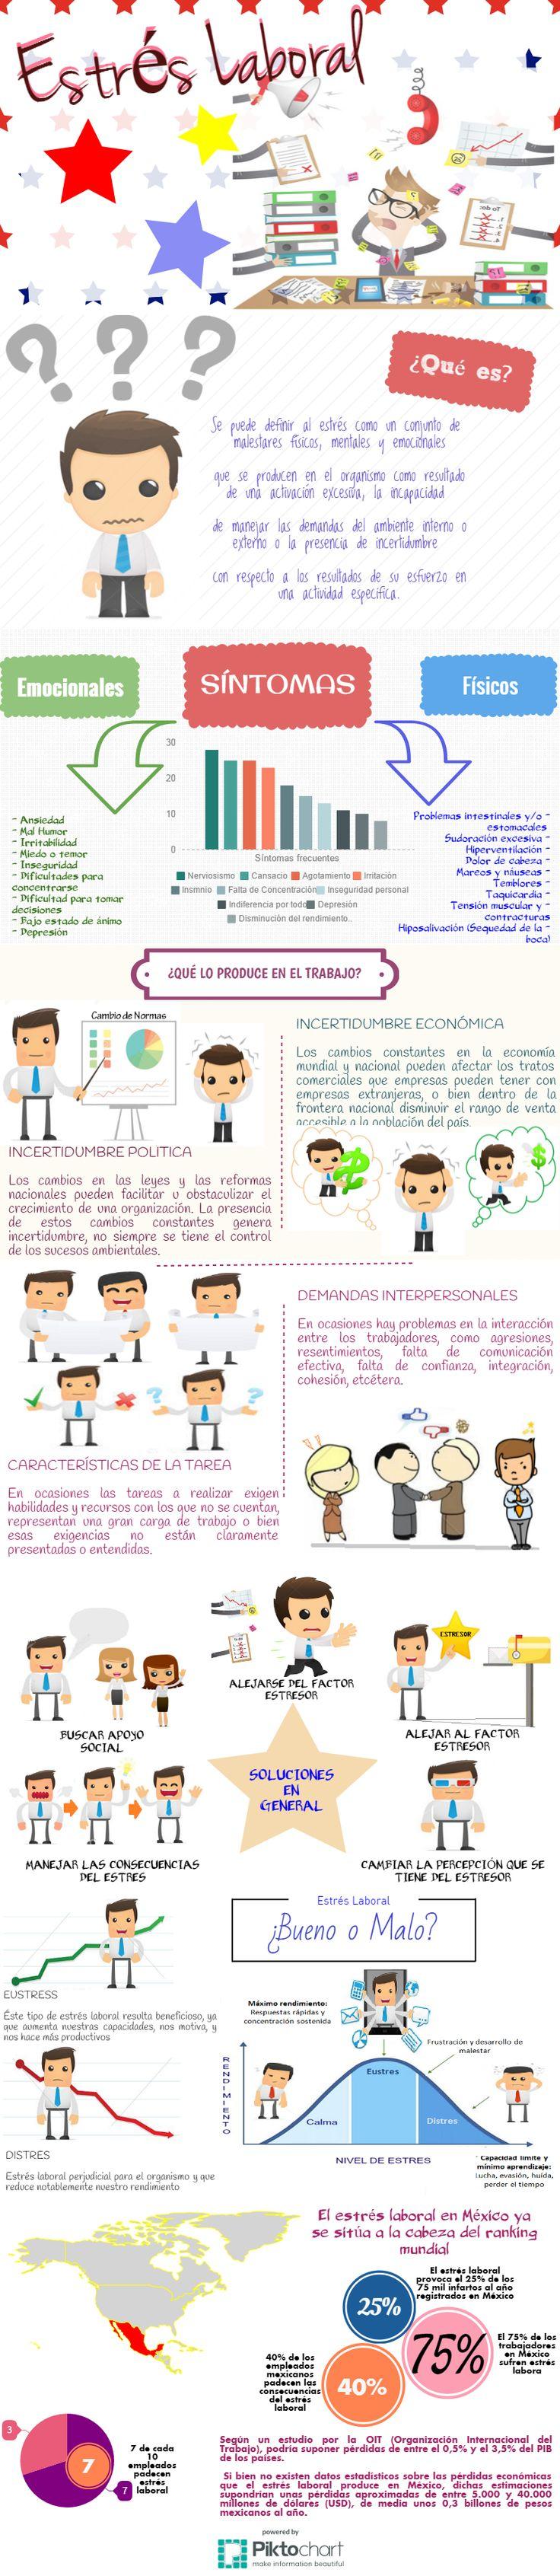 Creado por : Evelyn Henestrosa Gil & Ángel Arturo Villareal Uribe